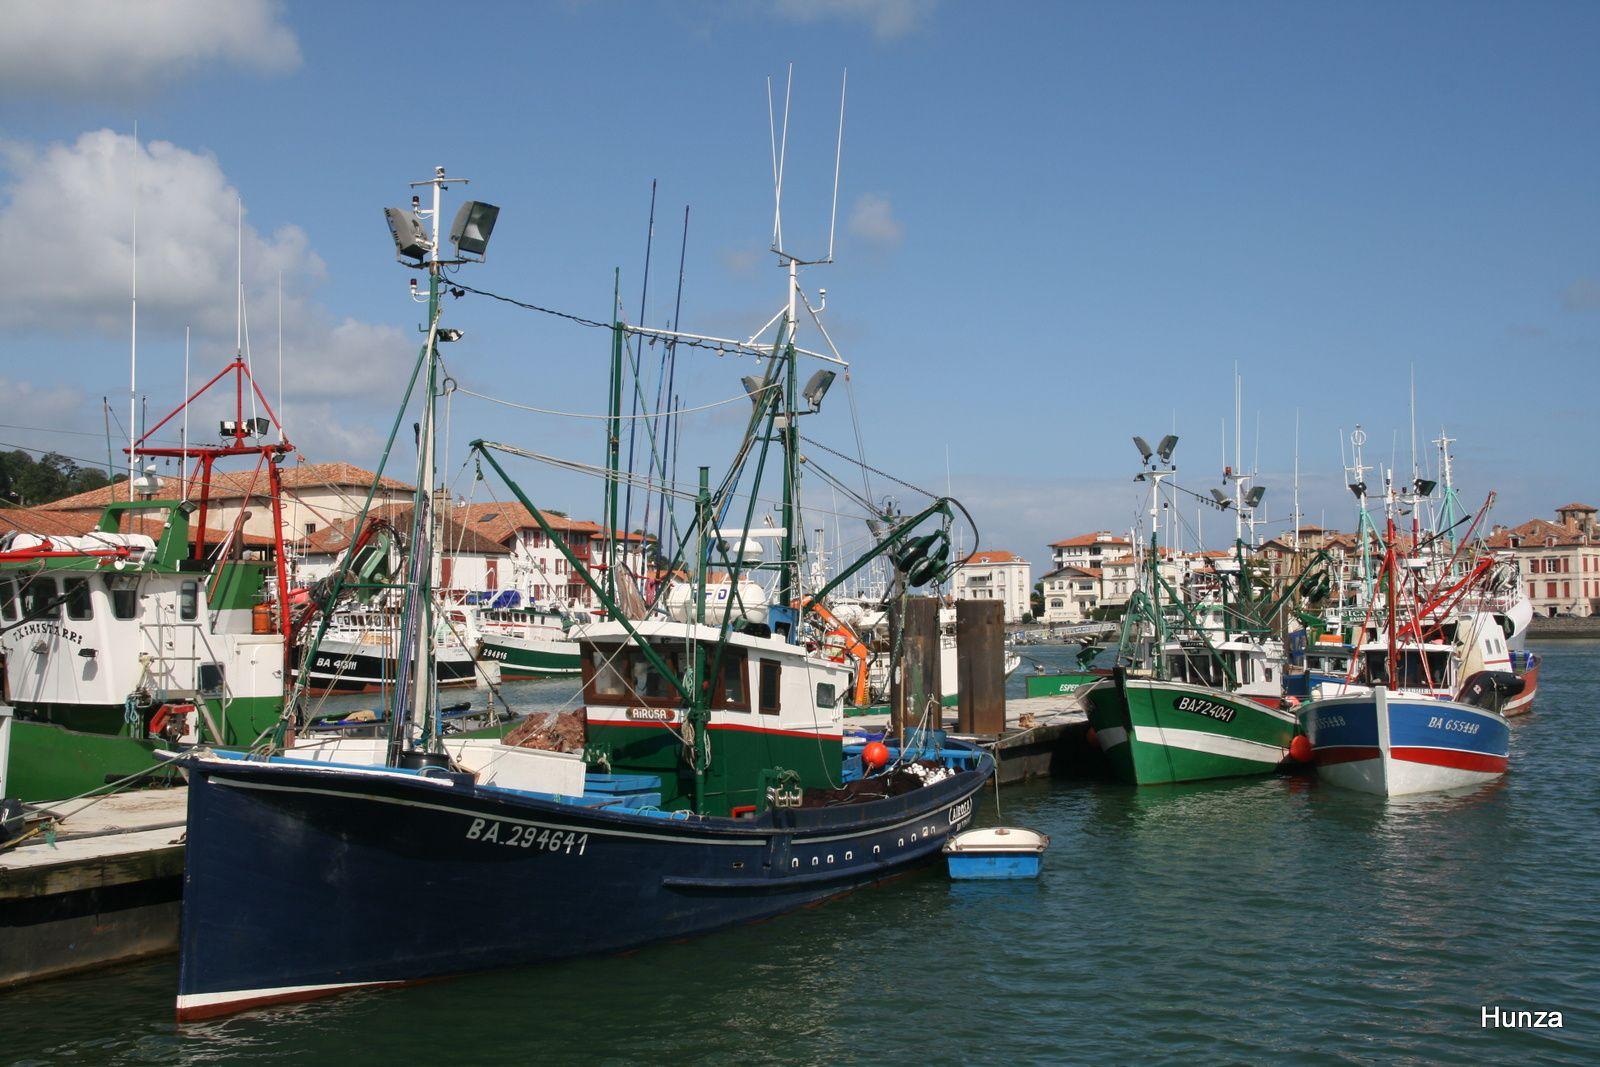 Construit en 1953, l'Airosa est le plus vieux bateau de pêche de Saint-Jean de Luz